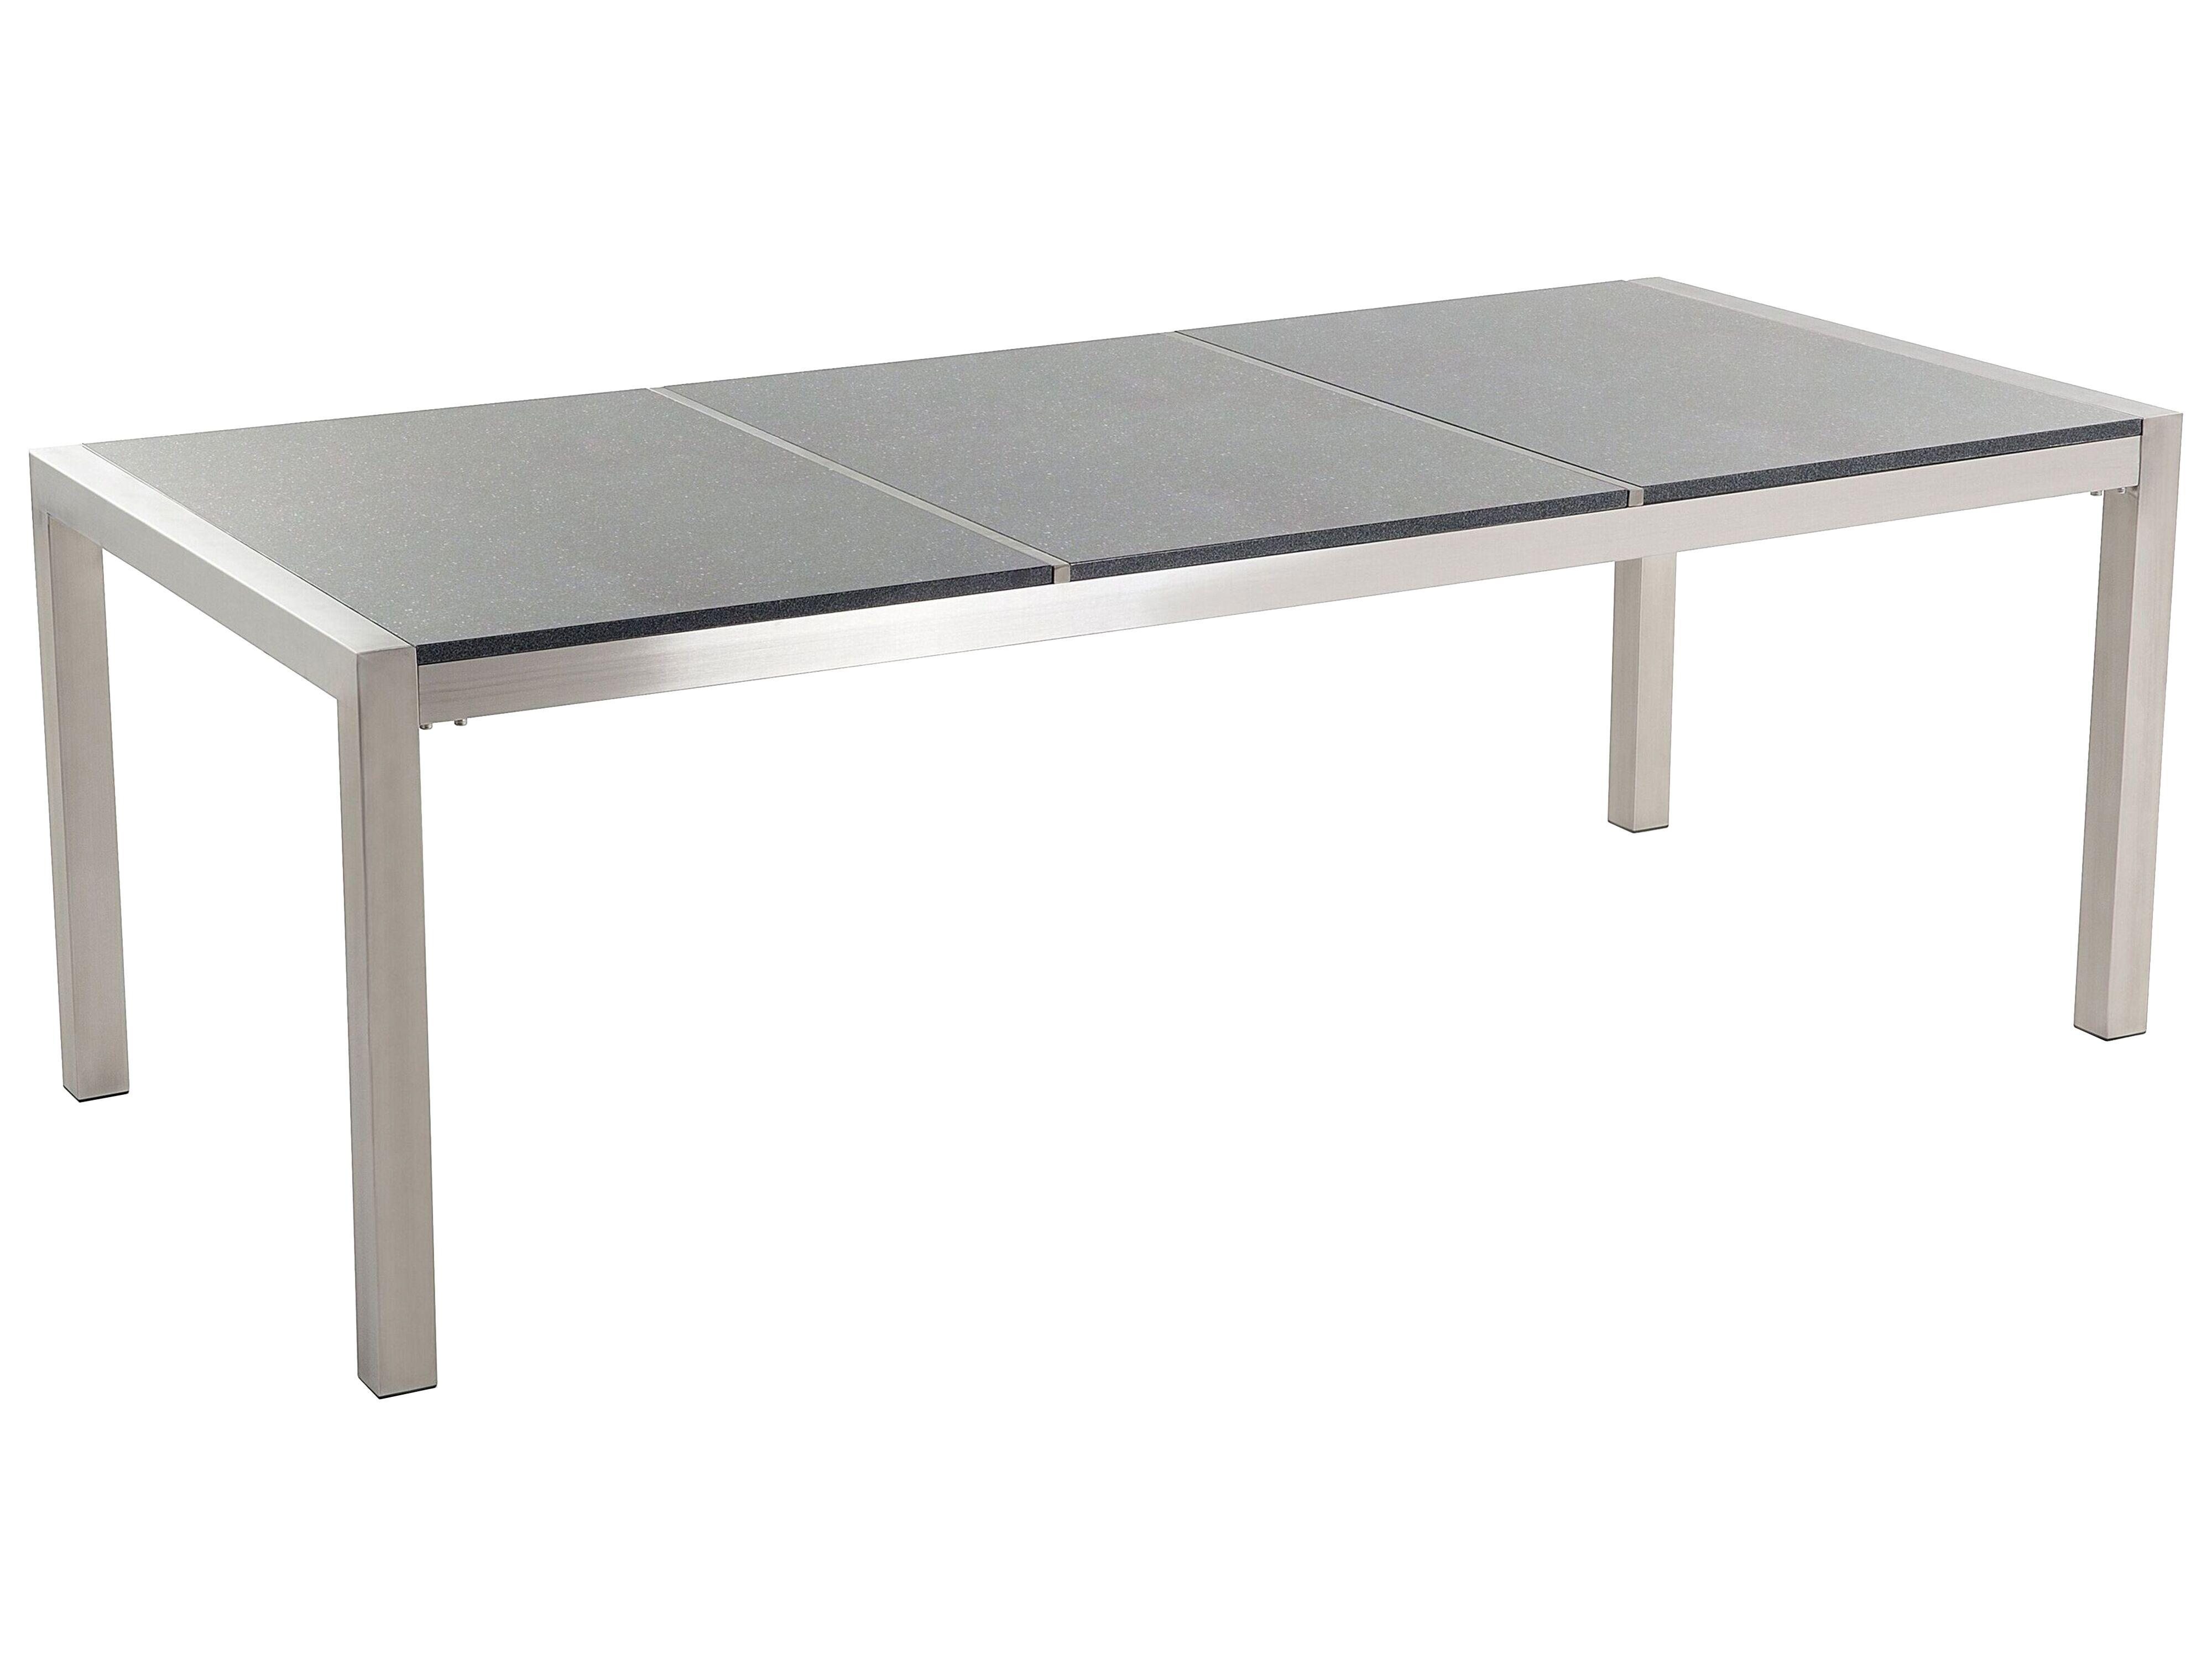 Gartentisch Edelstahl/Granit grau poliert 20 x 20 cm GROSSETO ...